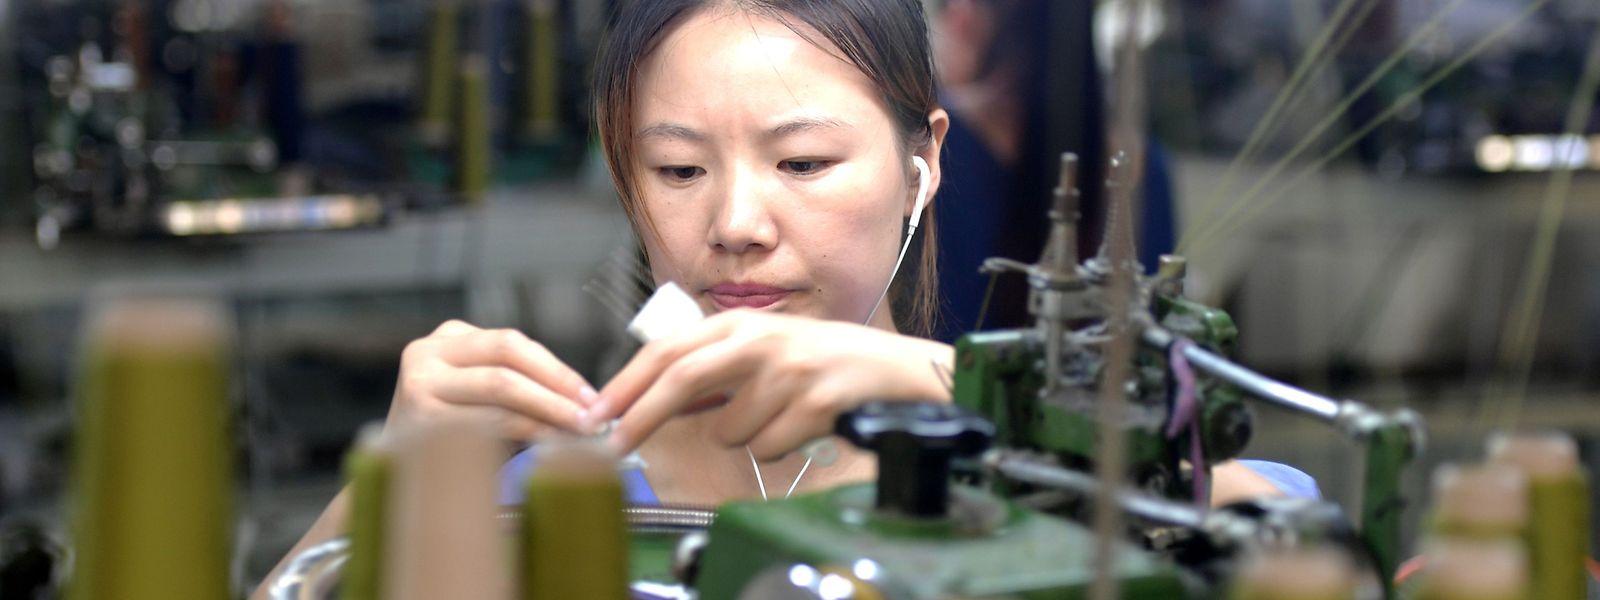 Eine Textilfabrik im chinesischen Xiayi: Hier wird auch für europäische Abnehmer produziert.